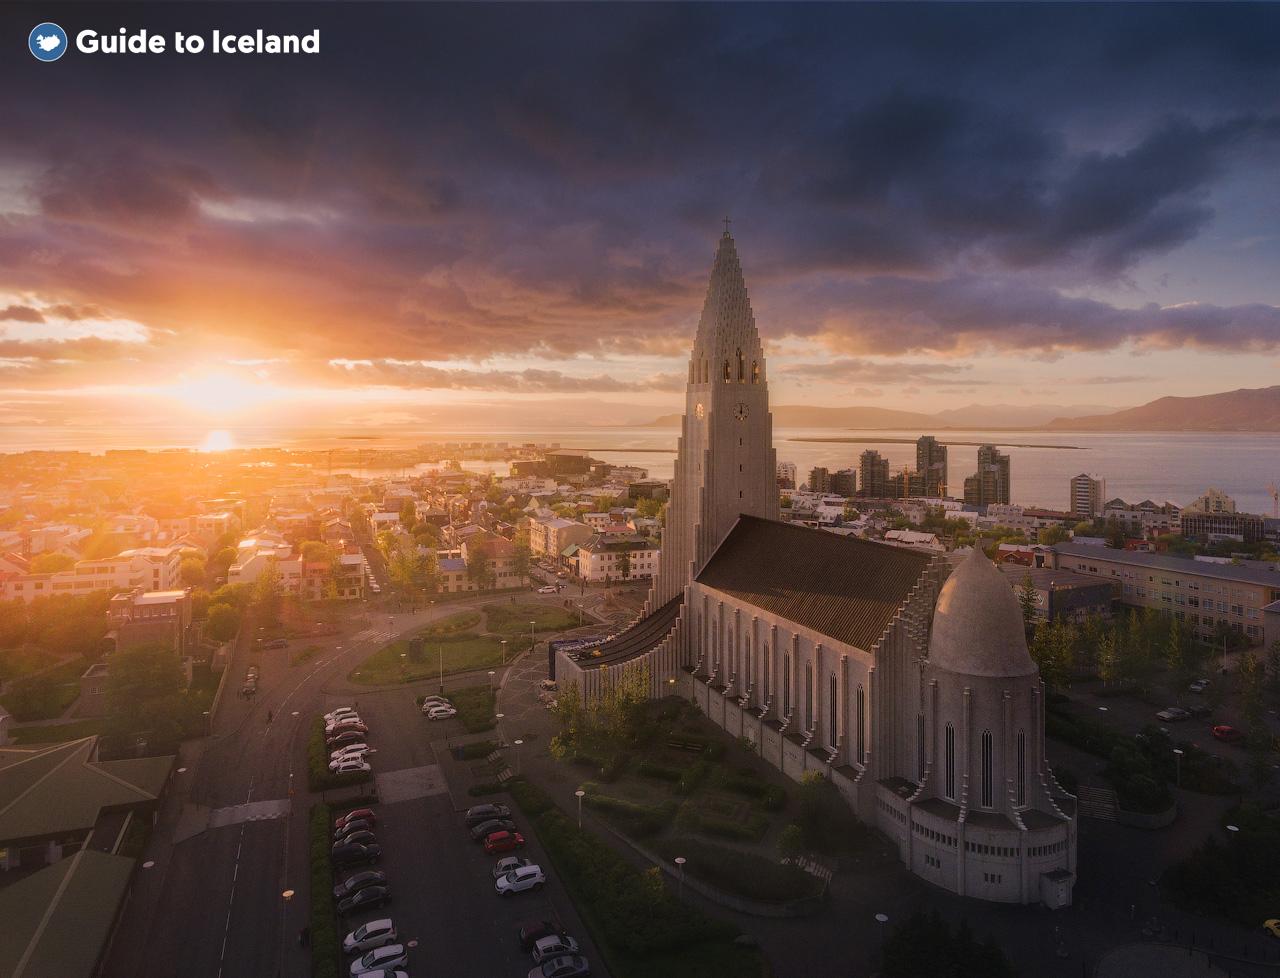 从空中俯瞰世界最北首都雷克雅未克的哈尔格林姆斯大教堂